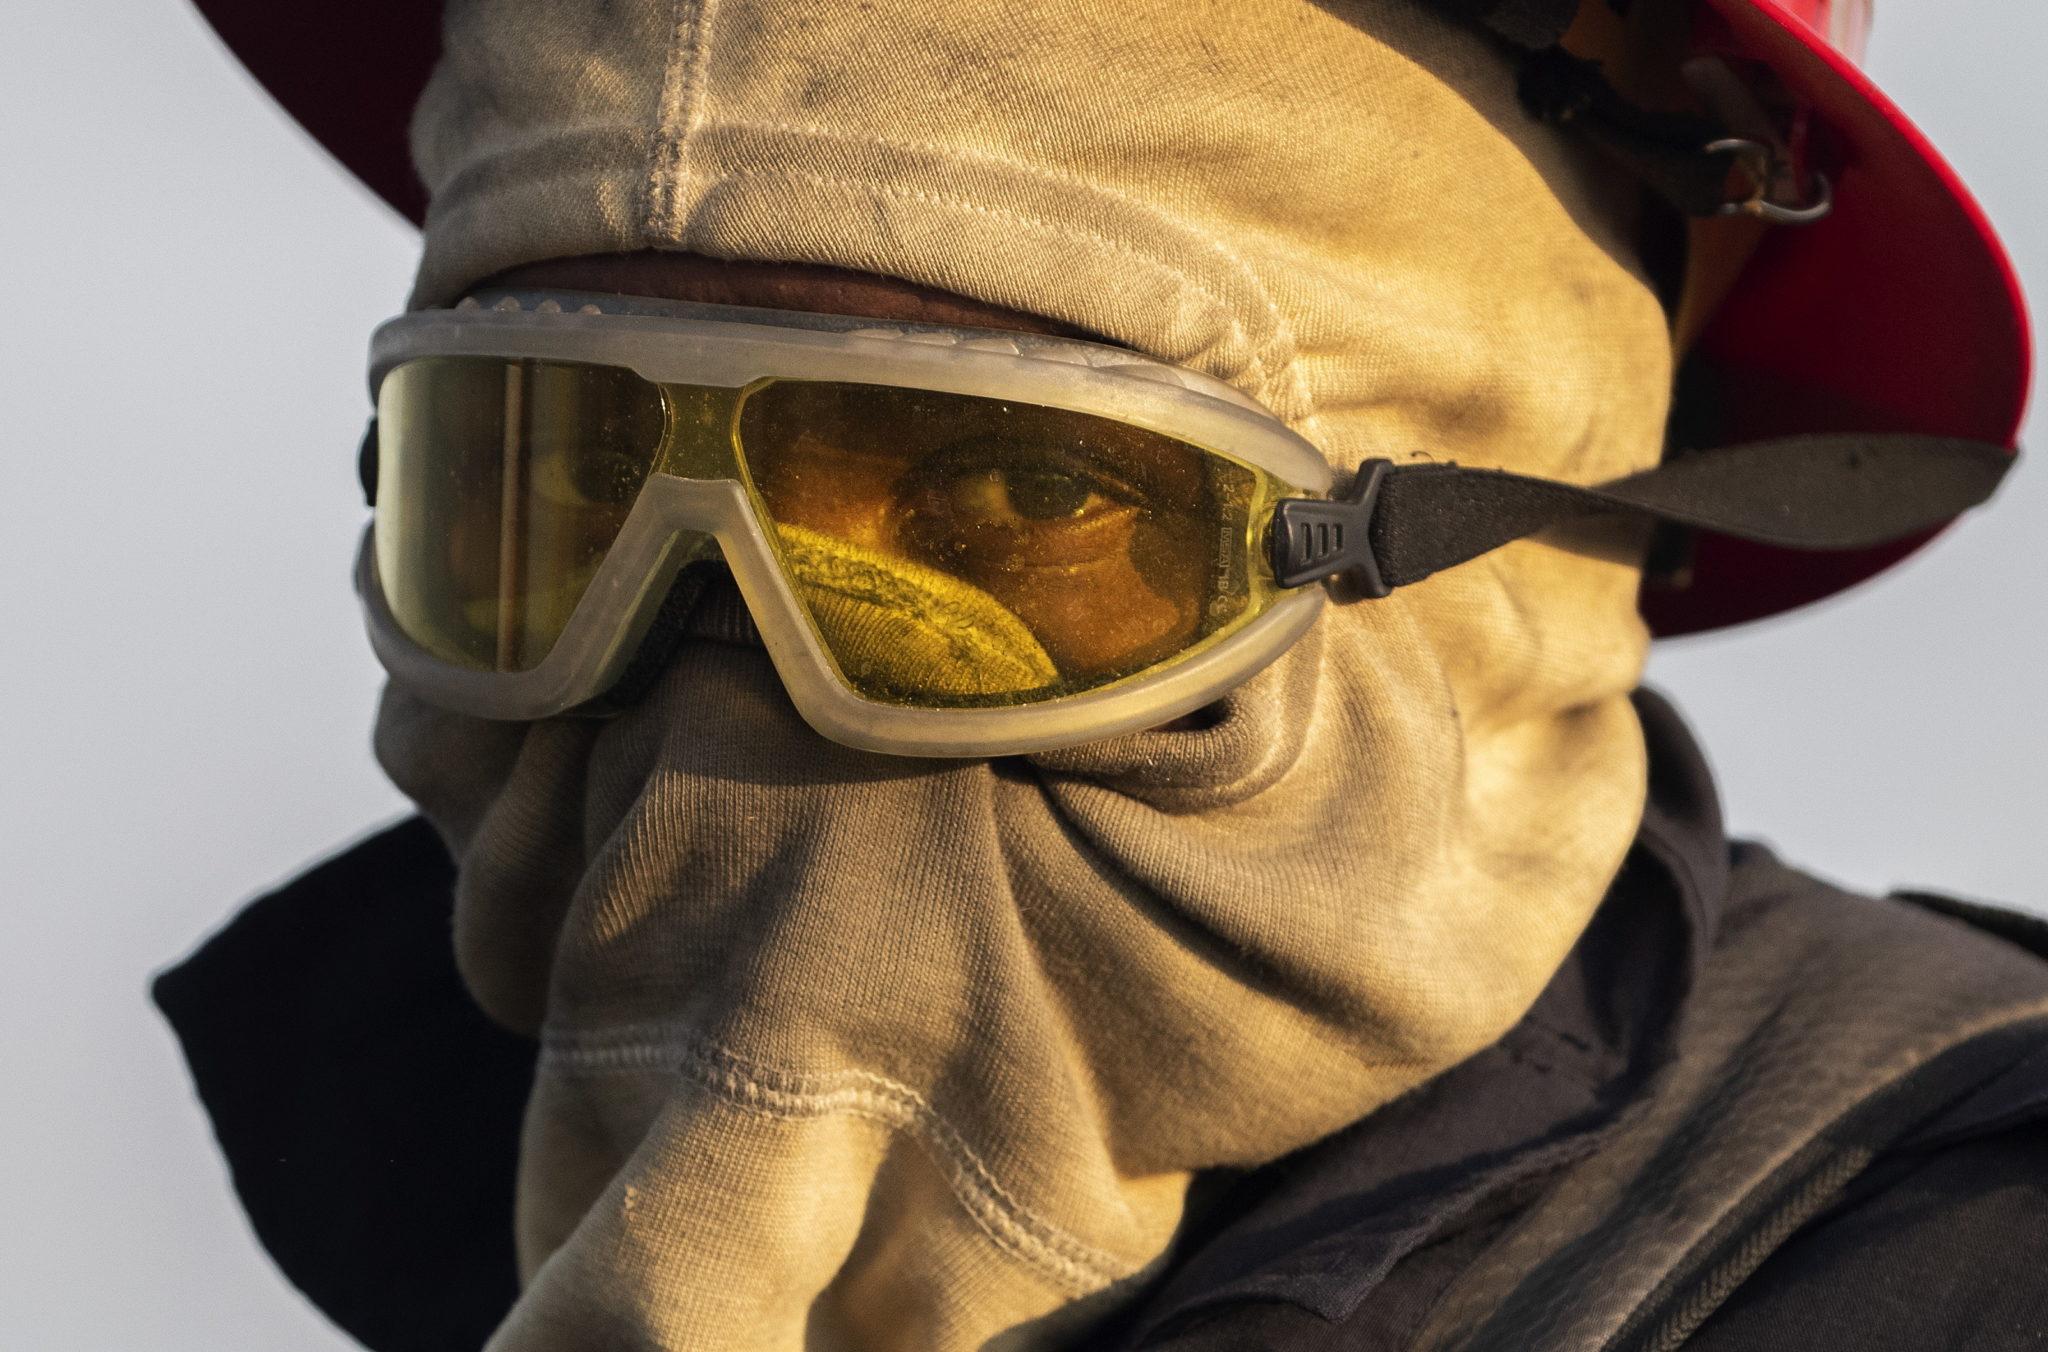 Strażacy walczą z ogniem w Republice Południowej Afryki. Upały, suche i wietrzne warunki spowodowały dużą liczbę pożarów, fot.  EPA/NIC BOTHMA